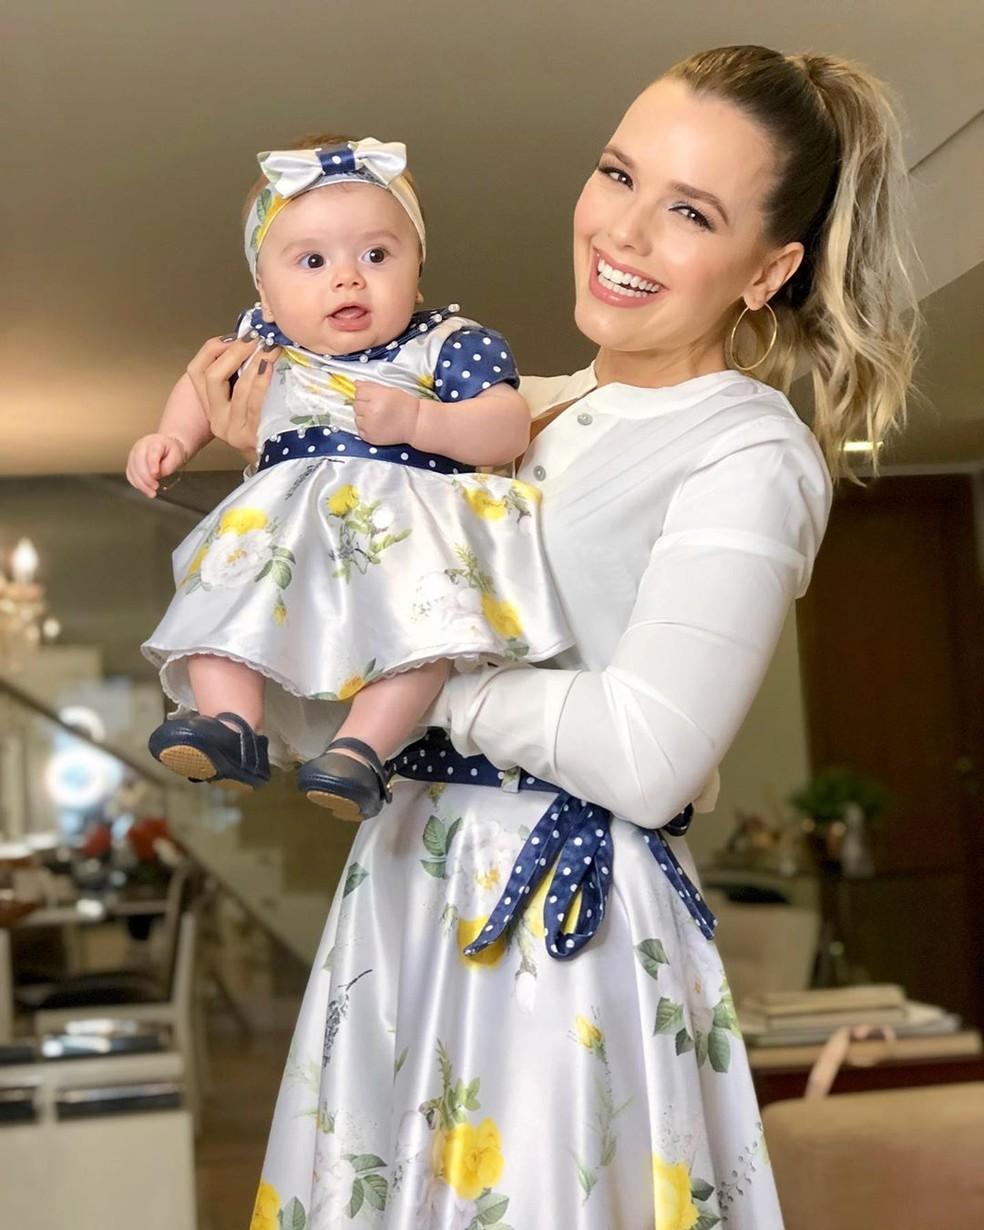 Thaeme Mariôto posa com a filha, Liz — Foto: Reprodução/Instagram